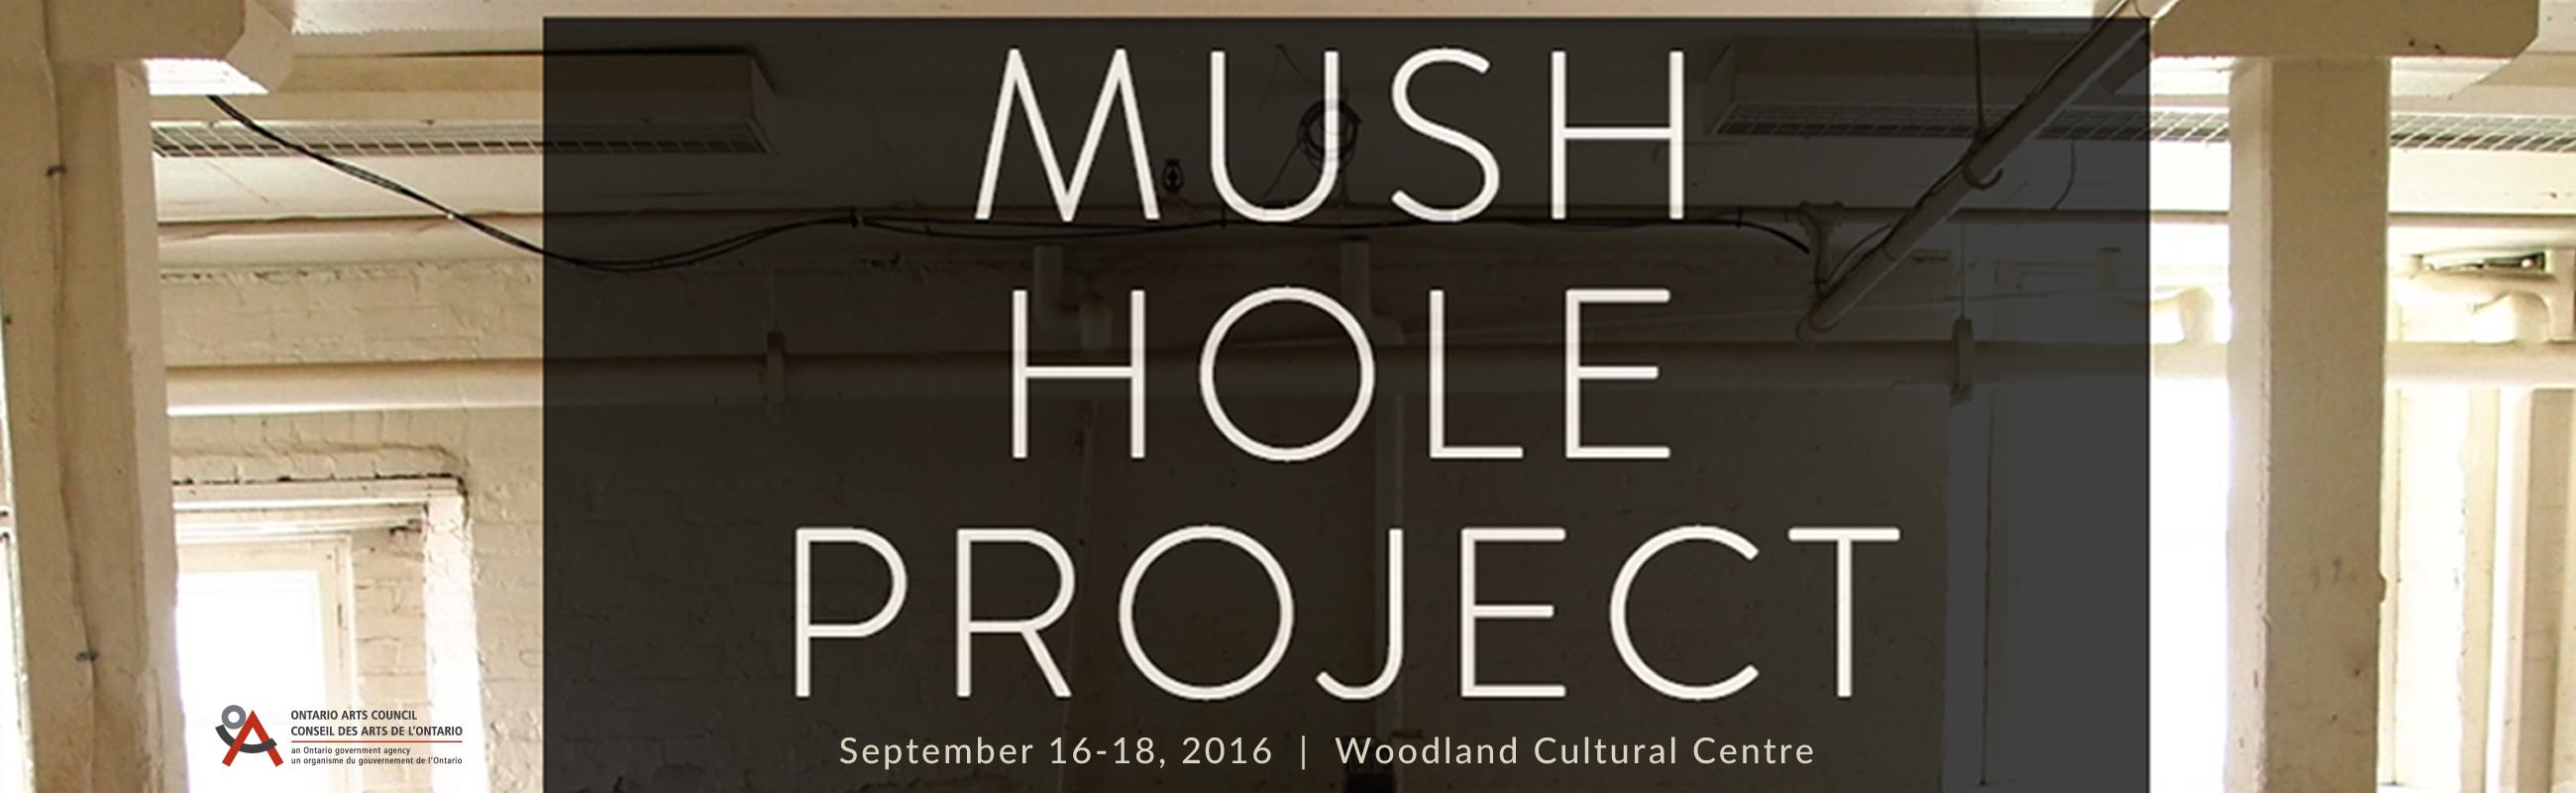 Mush hole slide